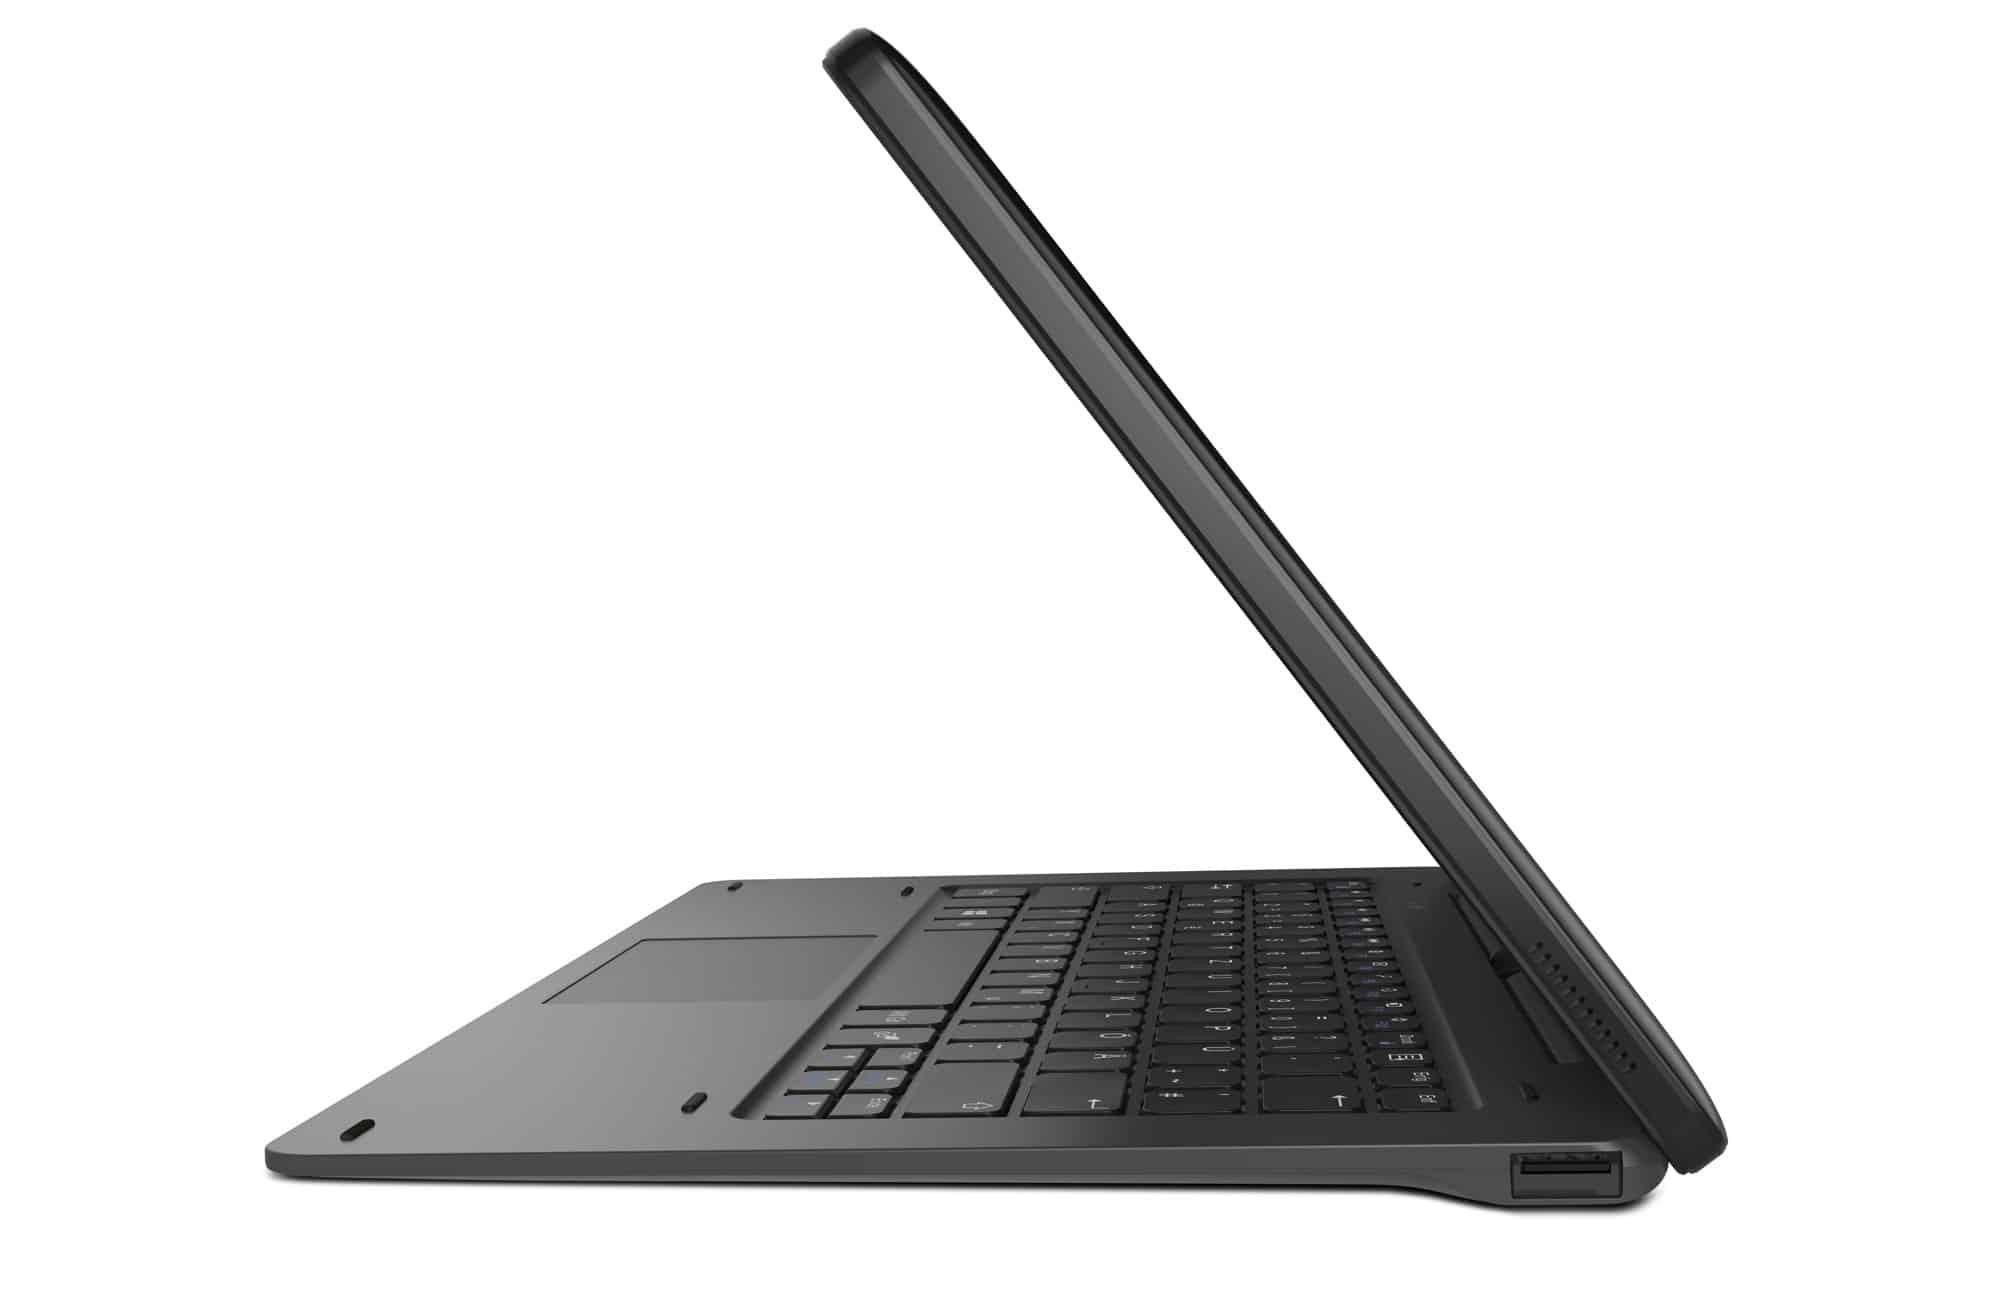 Ein Tablet-PC mit weiterem fullsize USB-Port - Ideal für den S0-Recorder